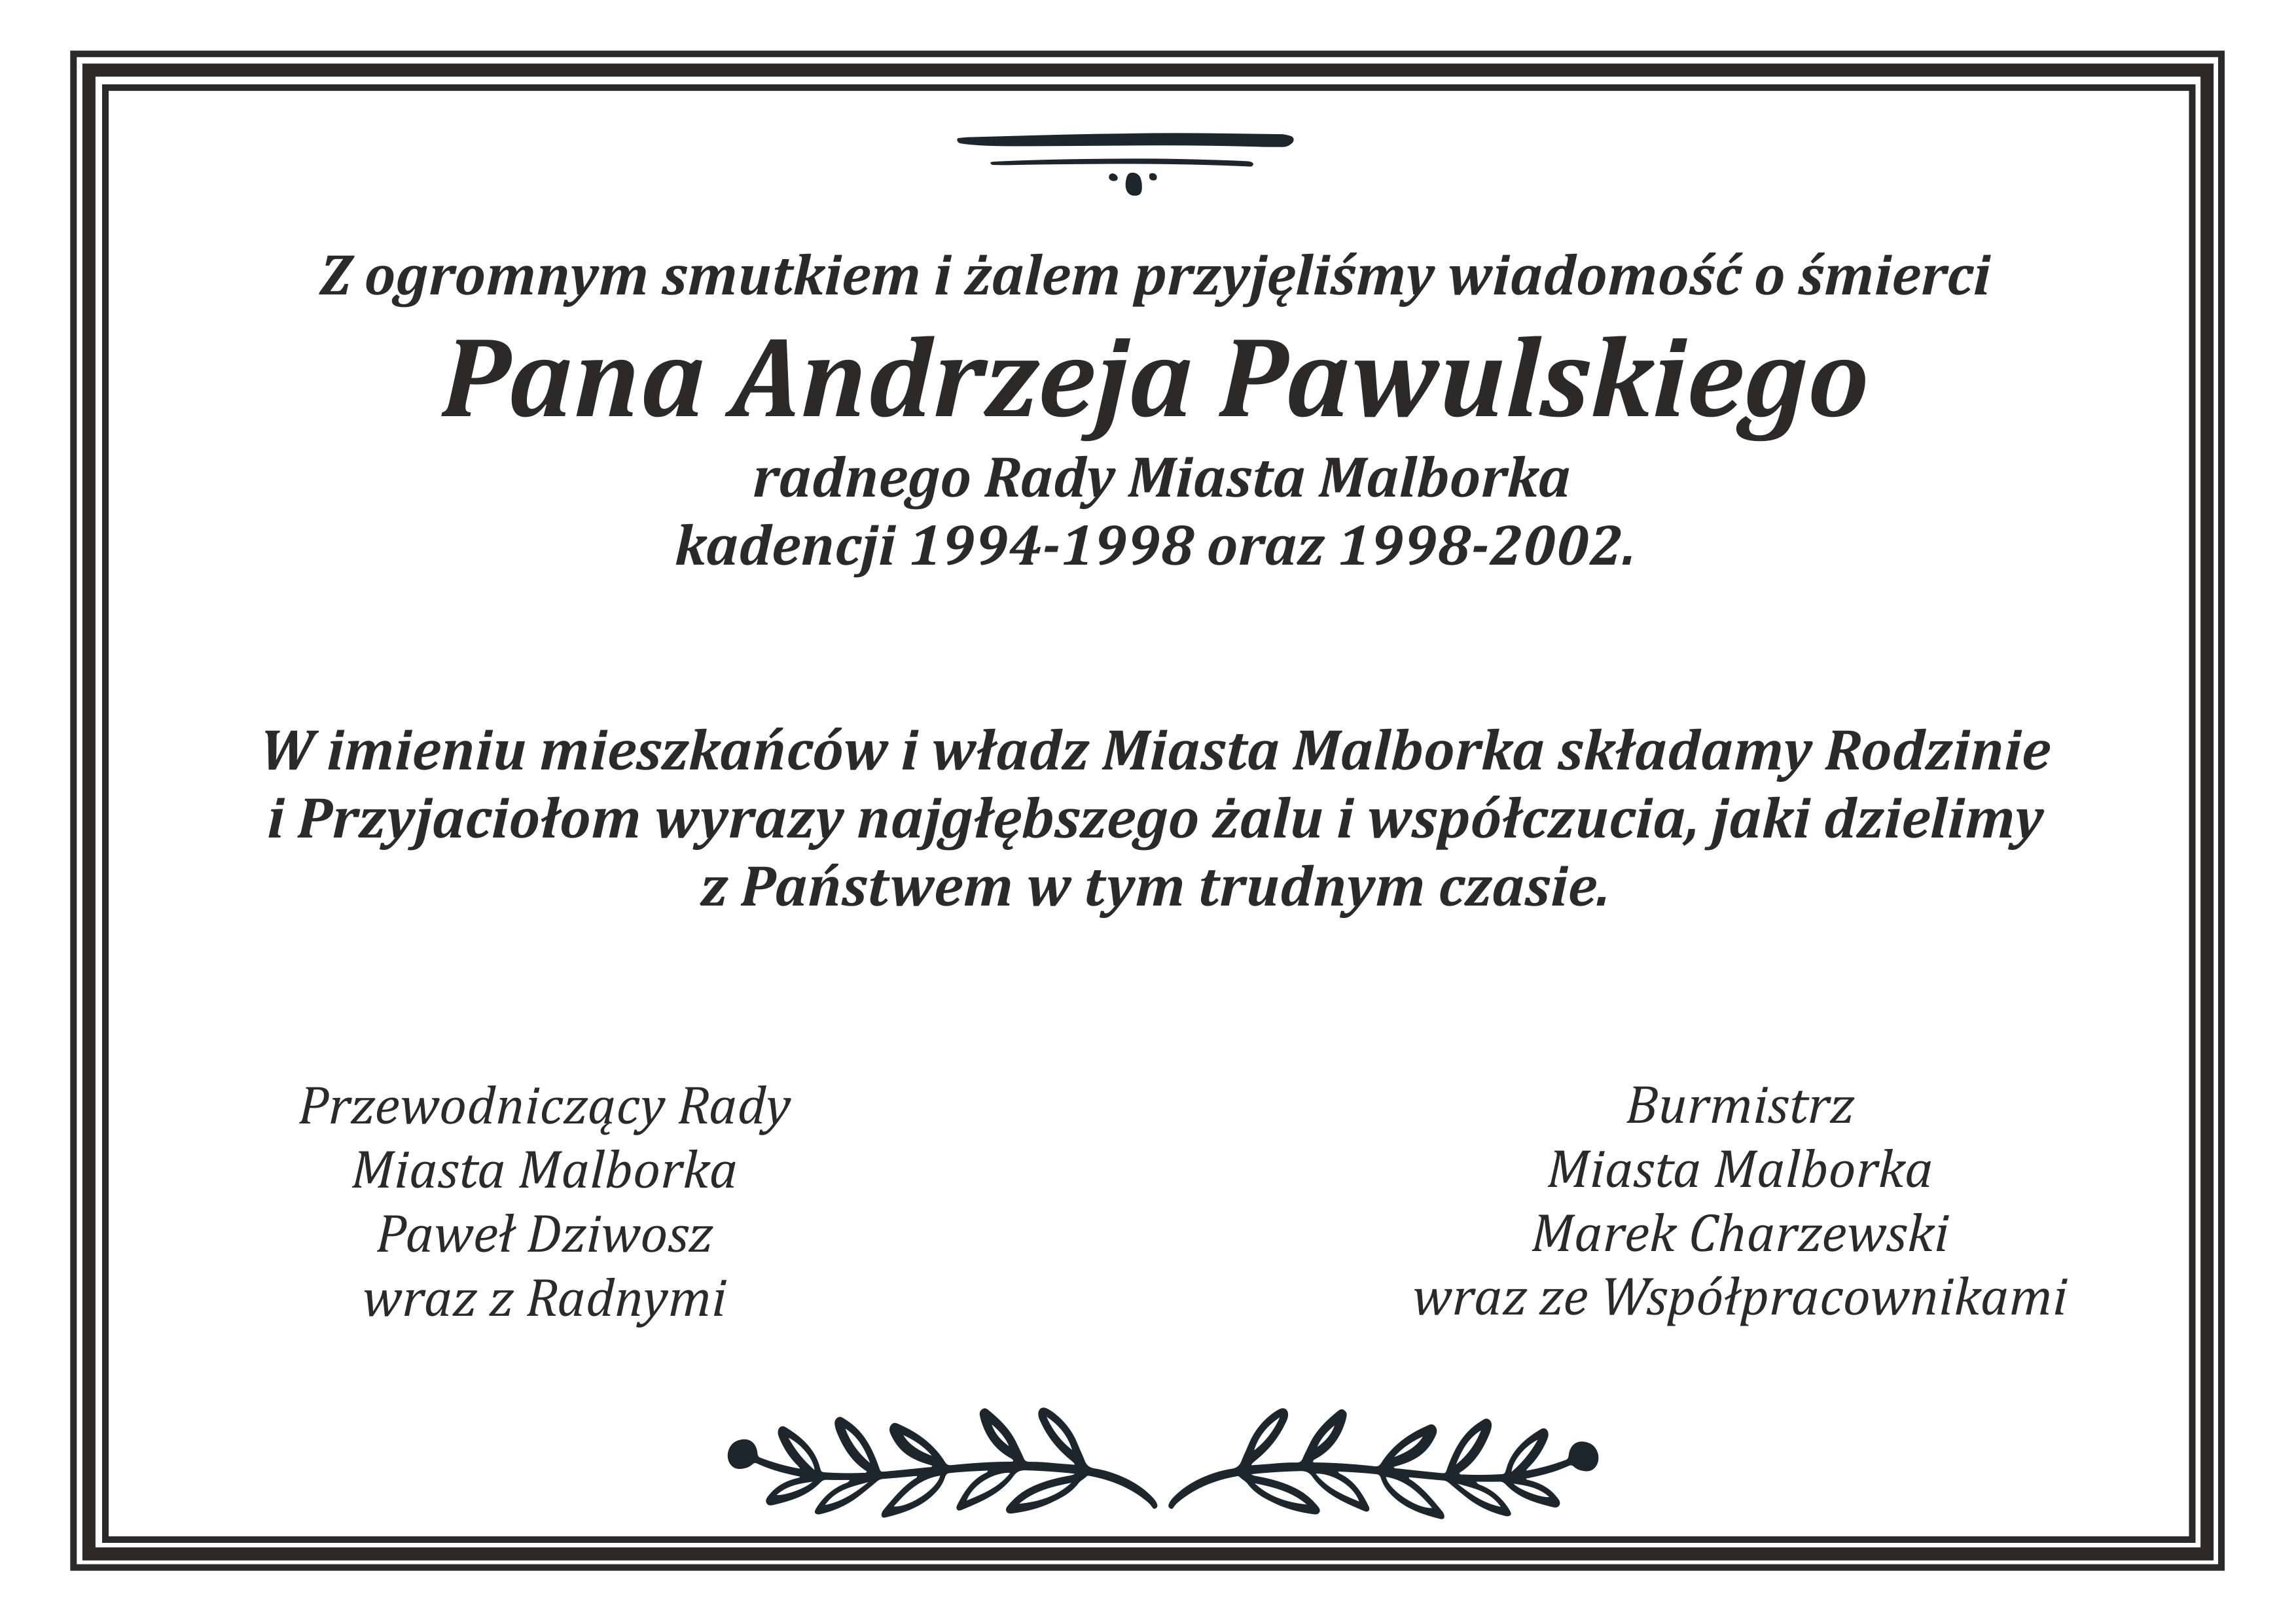 http://m.82-200.pl/2021/03/orig/kondolencje-pawulski-6889.png